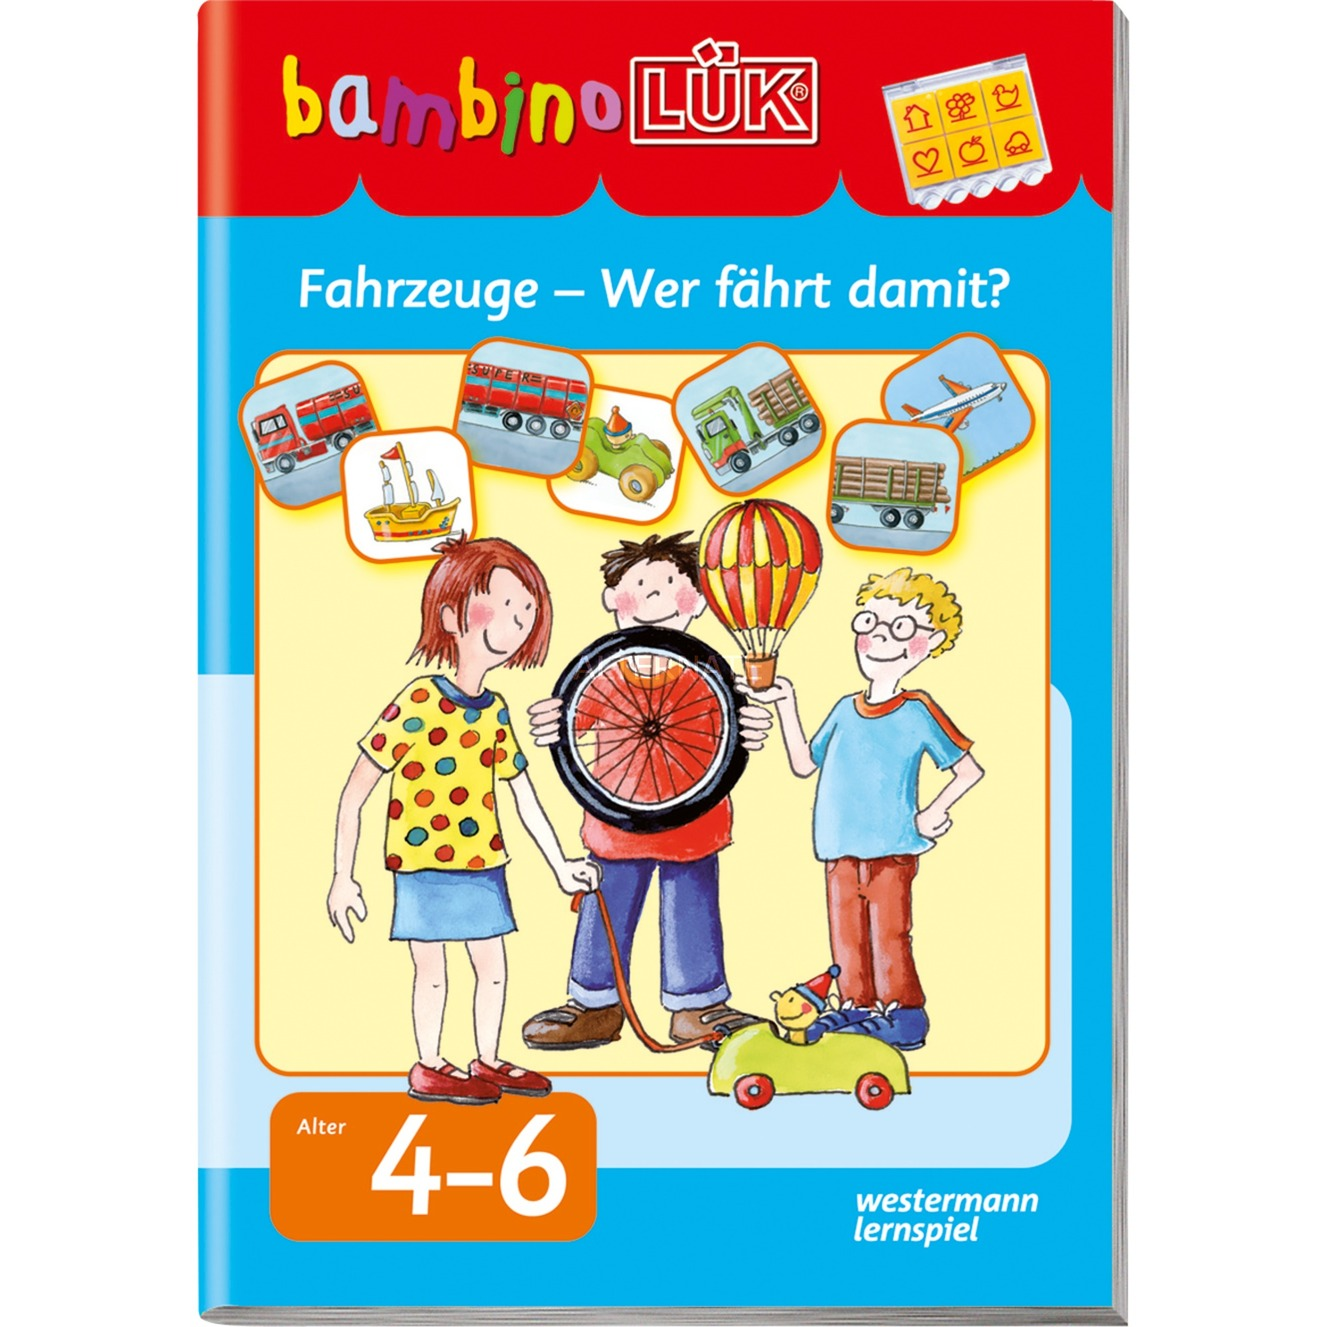 fahrzeuge-wer-faehrt-damit-bornebog-bog-til-indlaring-skolebog